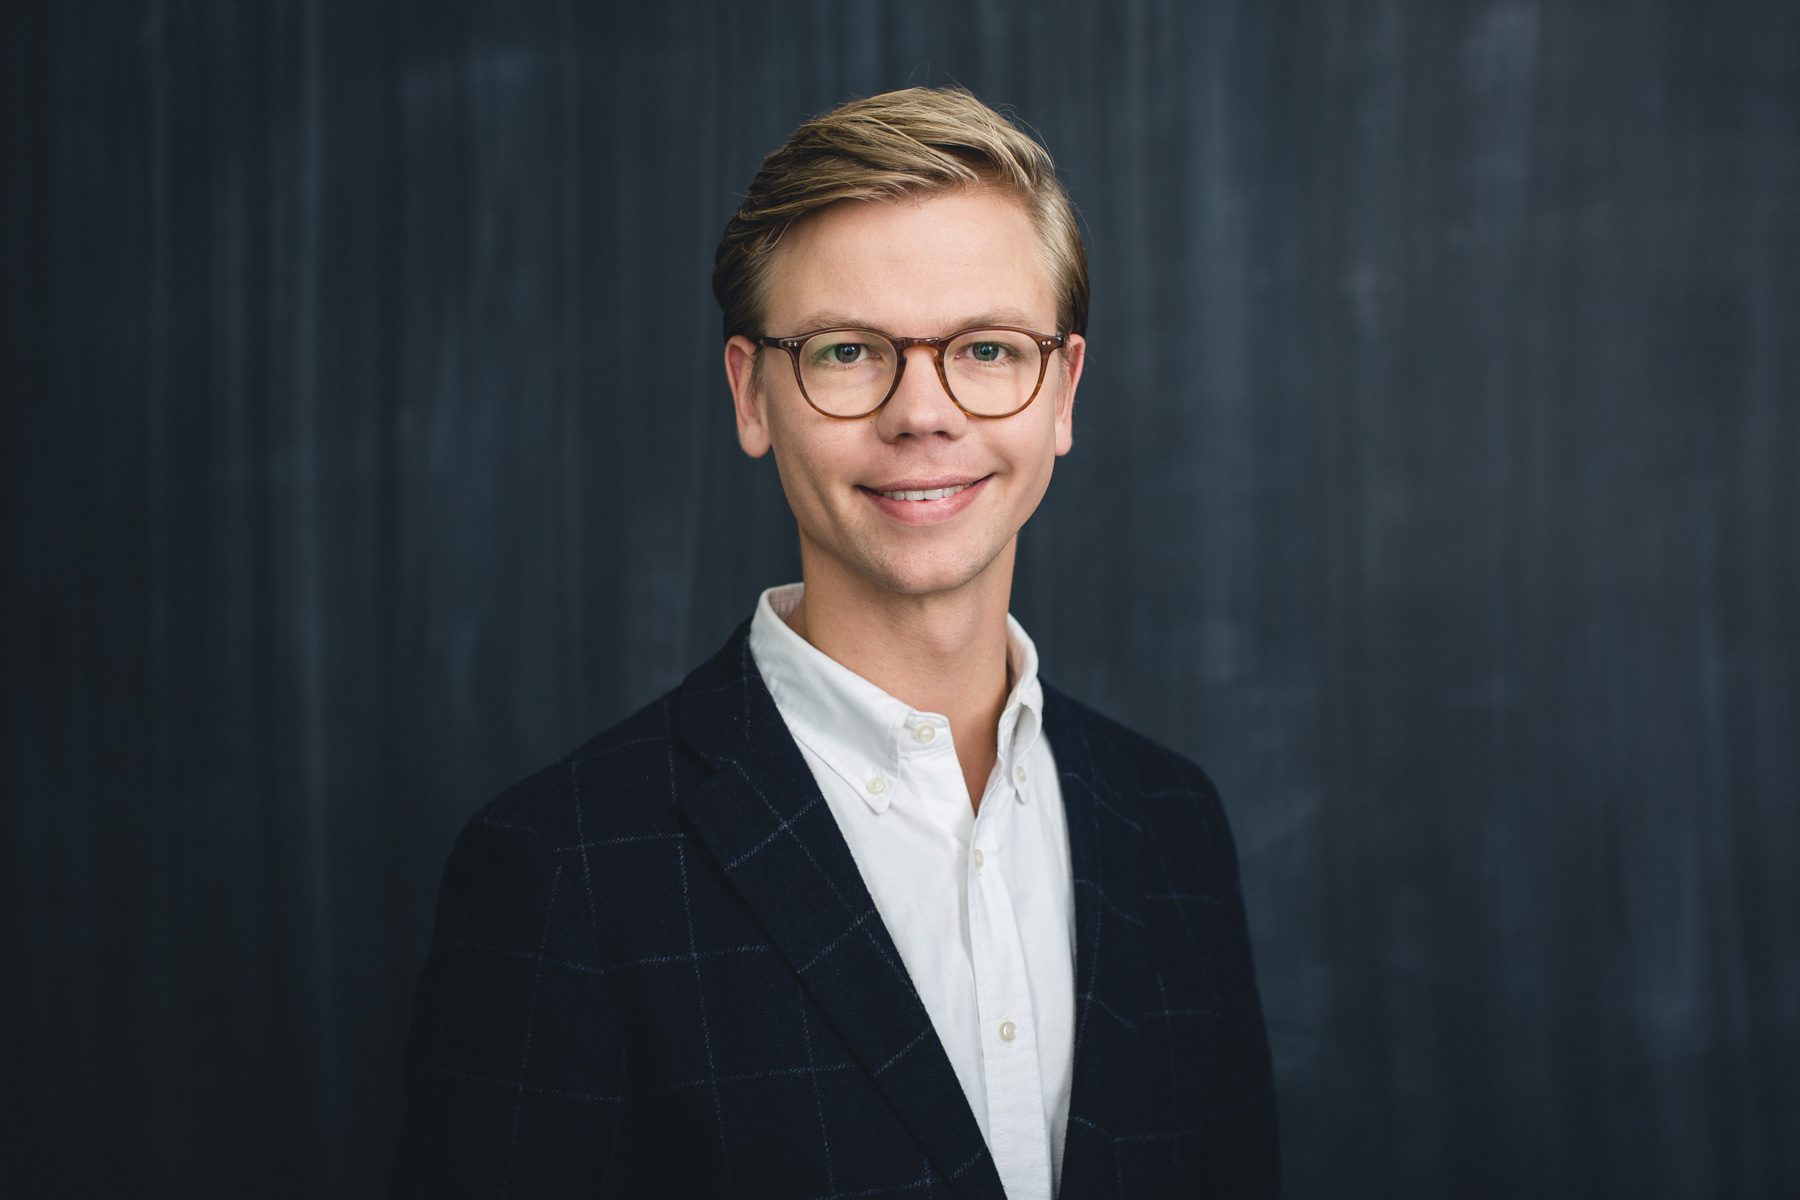 Savedo Launch in Österreich: Das Startup macht Sparen attraktiv